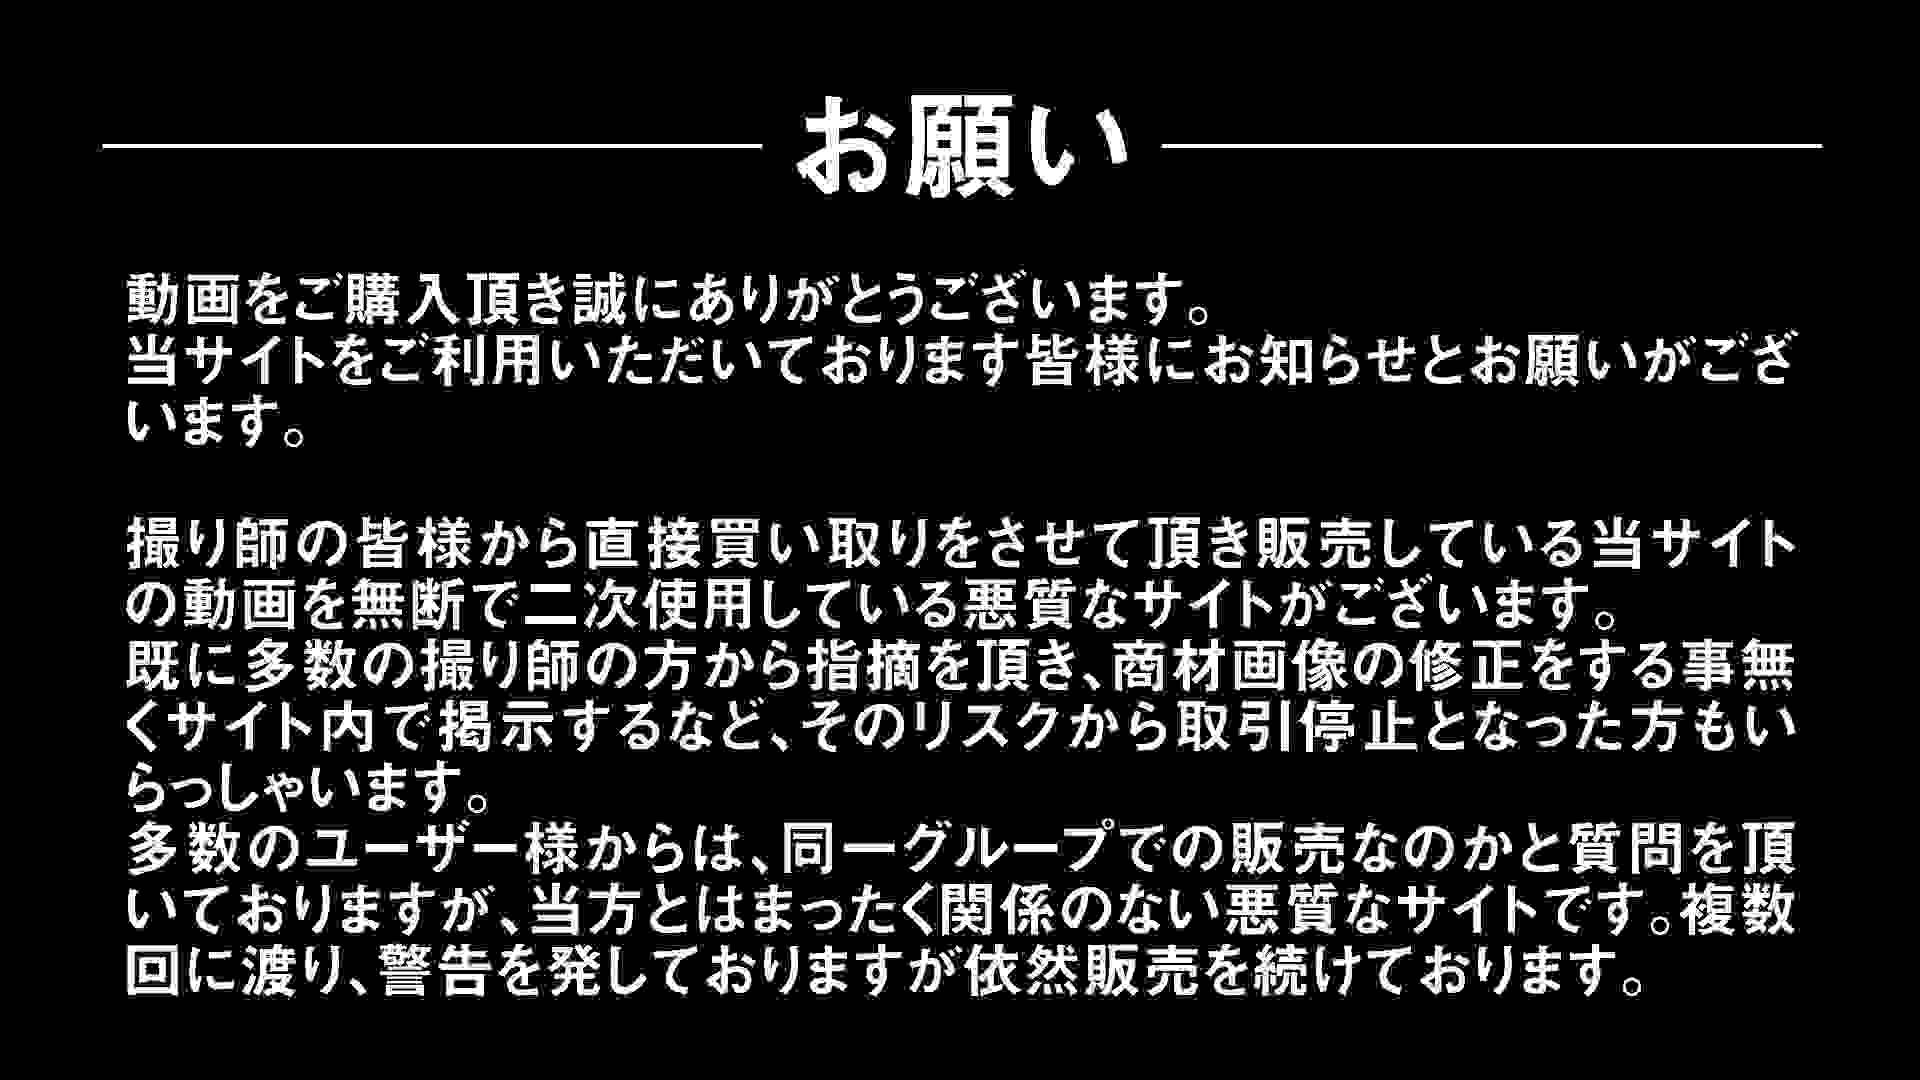 Aquaな露天風呂Vol.296 盗撮シリーズ  102PIX 6